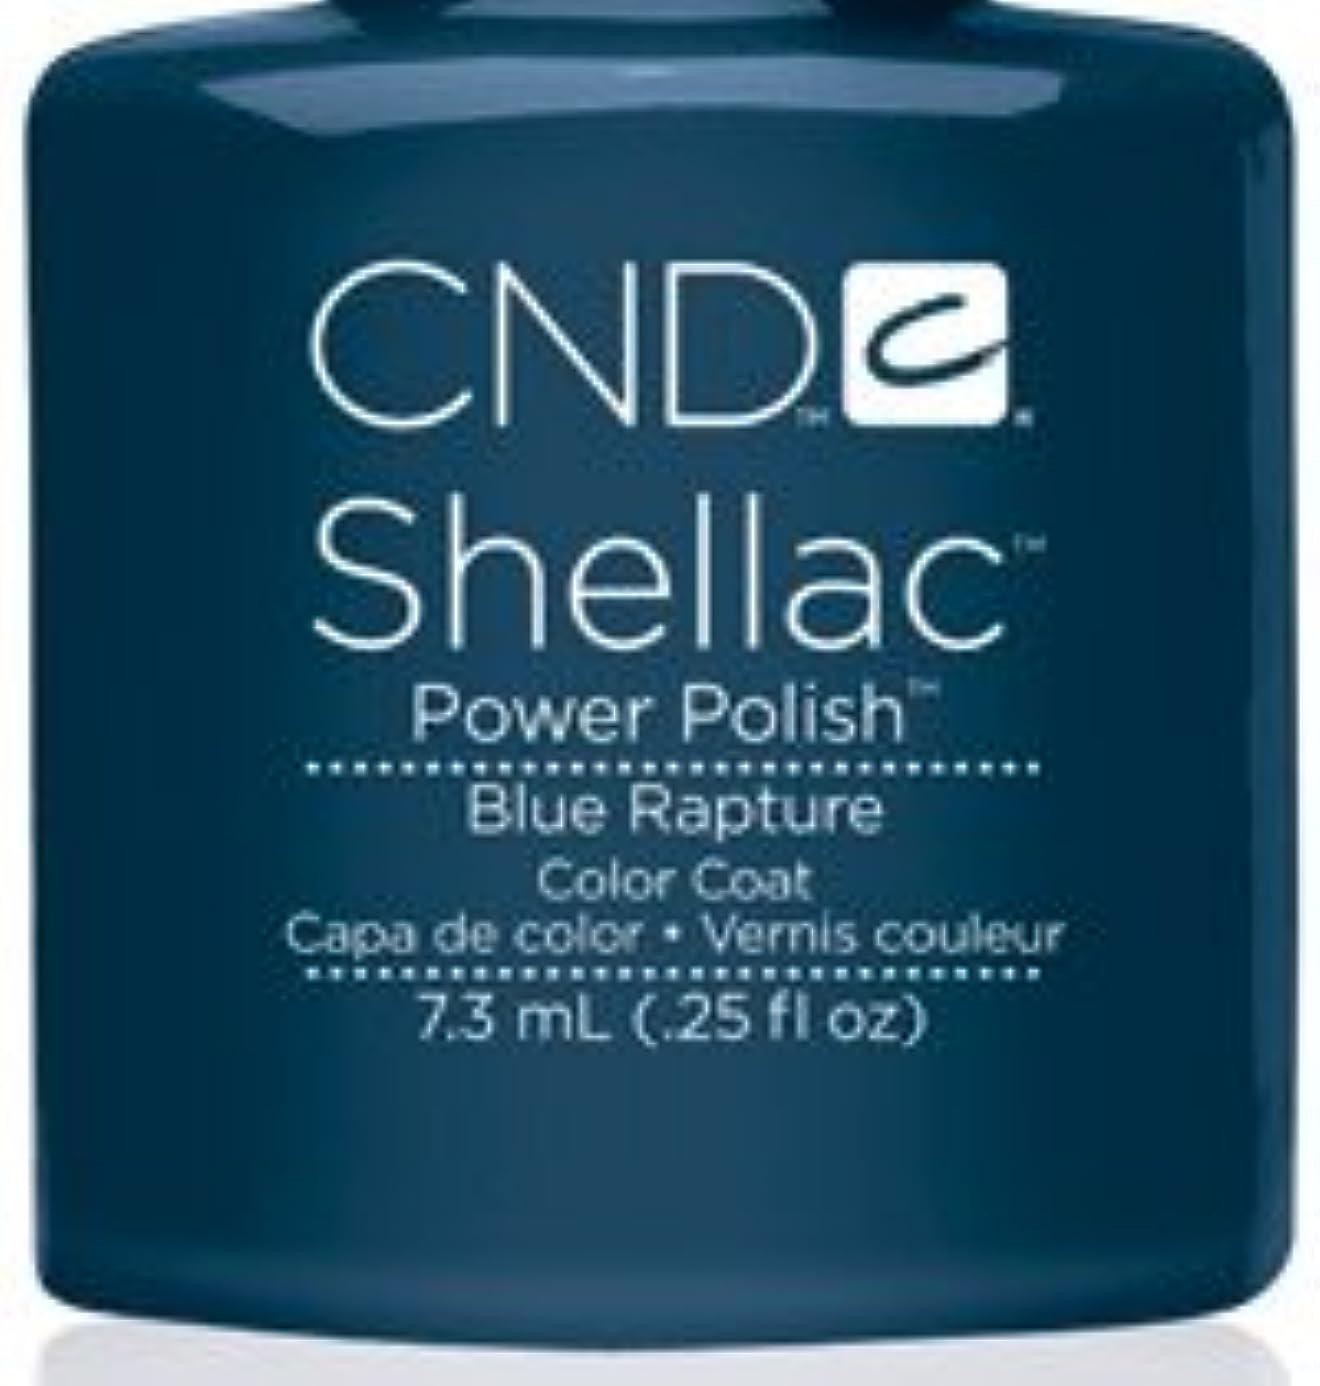 薬を飲む敬意タックルCND シェラック UVカラーコート 7.3ml<BR>378 ブルーラプチャー